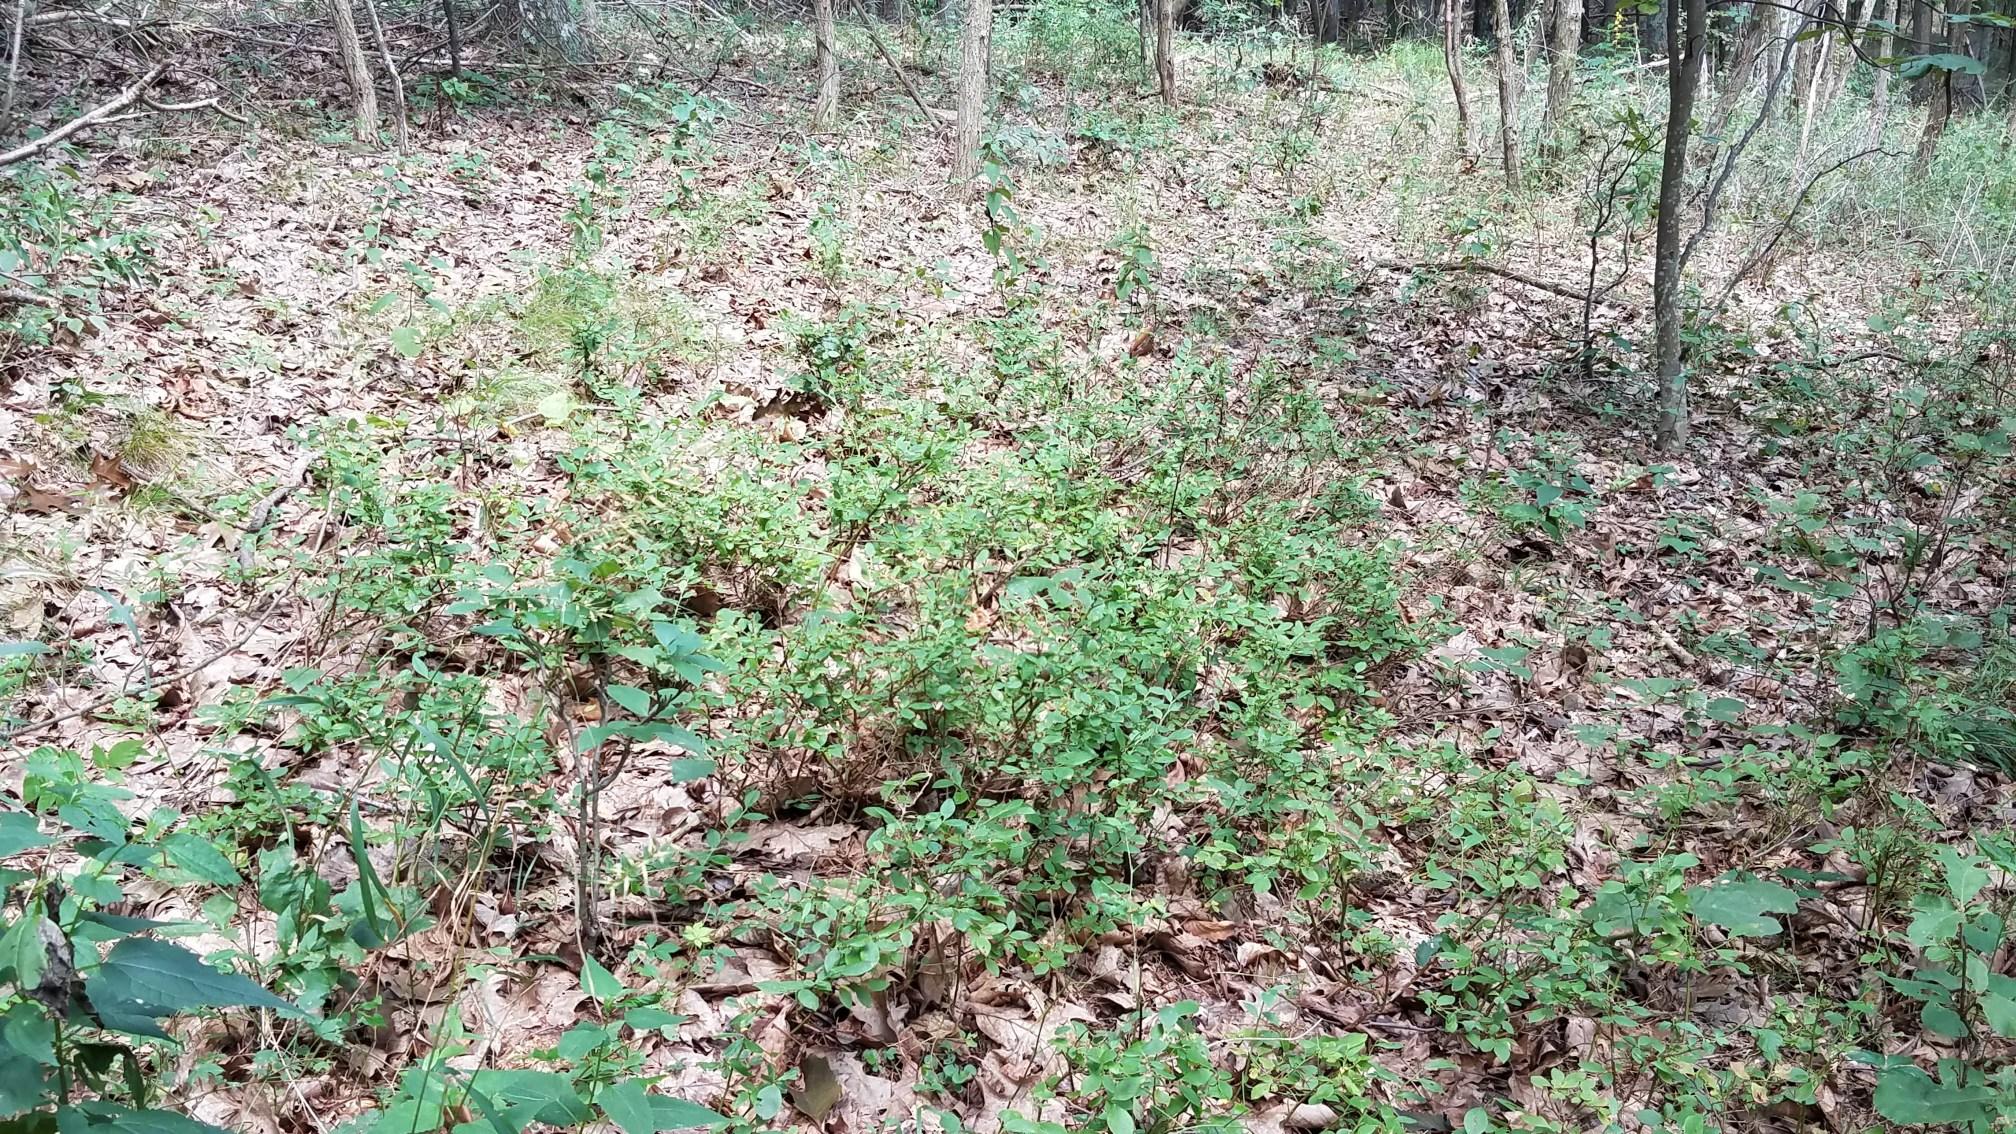 Lowbush blueberries